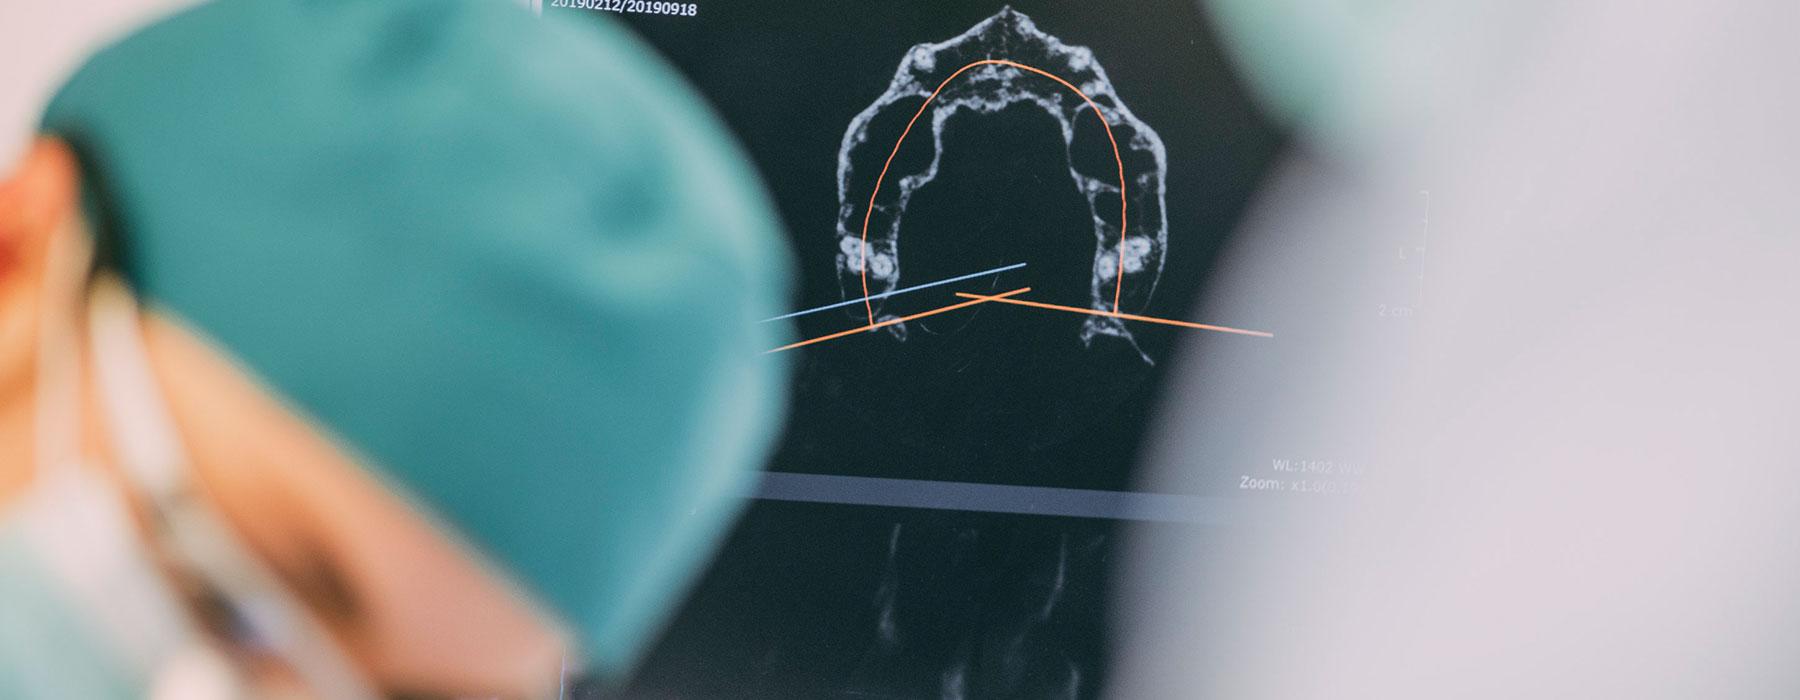 Röntgenbild für die Sofortversorgung mit festen Zähnen in Frankfurt-Sachsenhausen